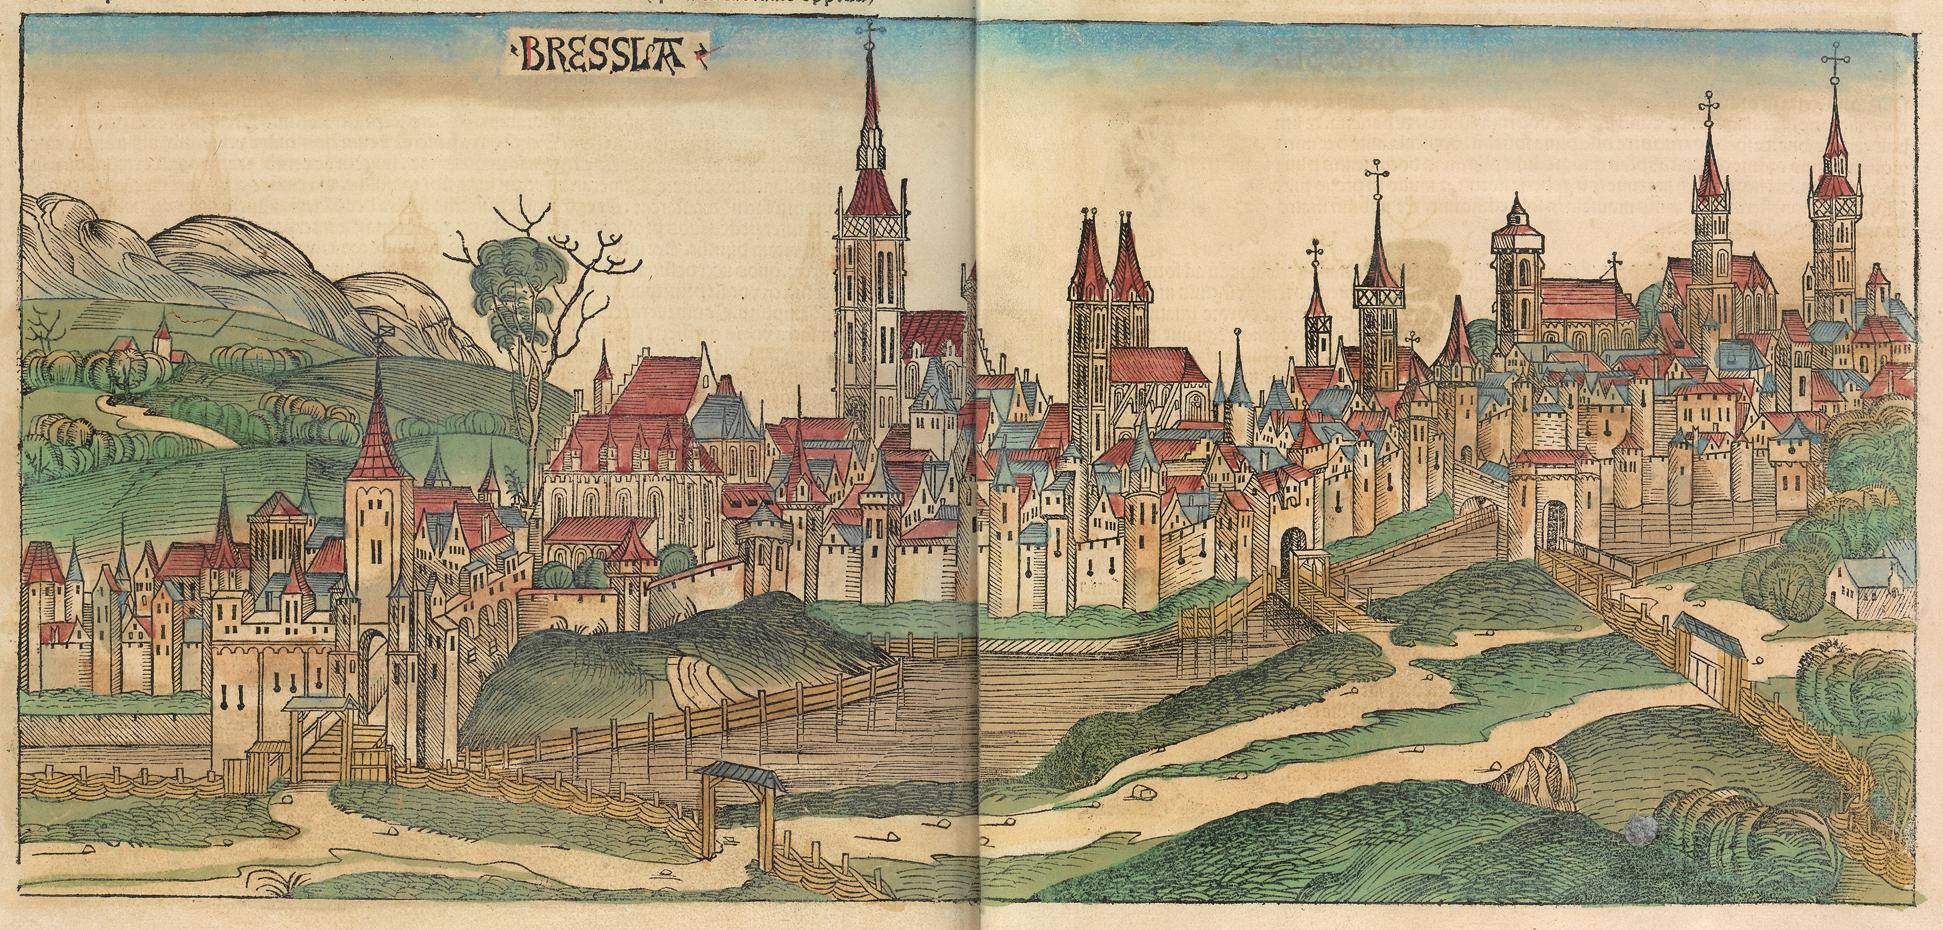 Stadtansicht von Breslau in der Schedel'schen Weltchronik von 1493